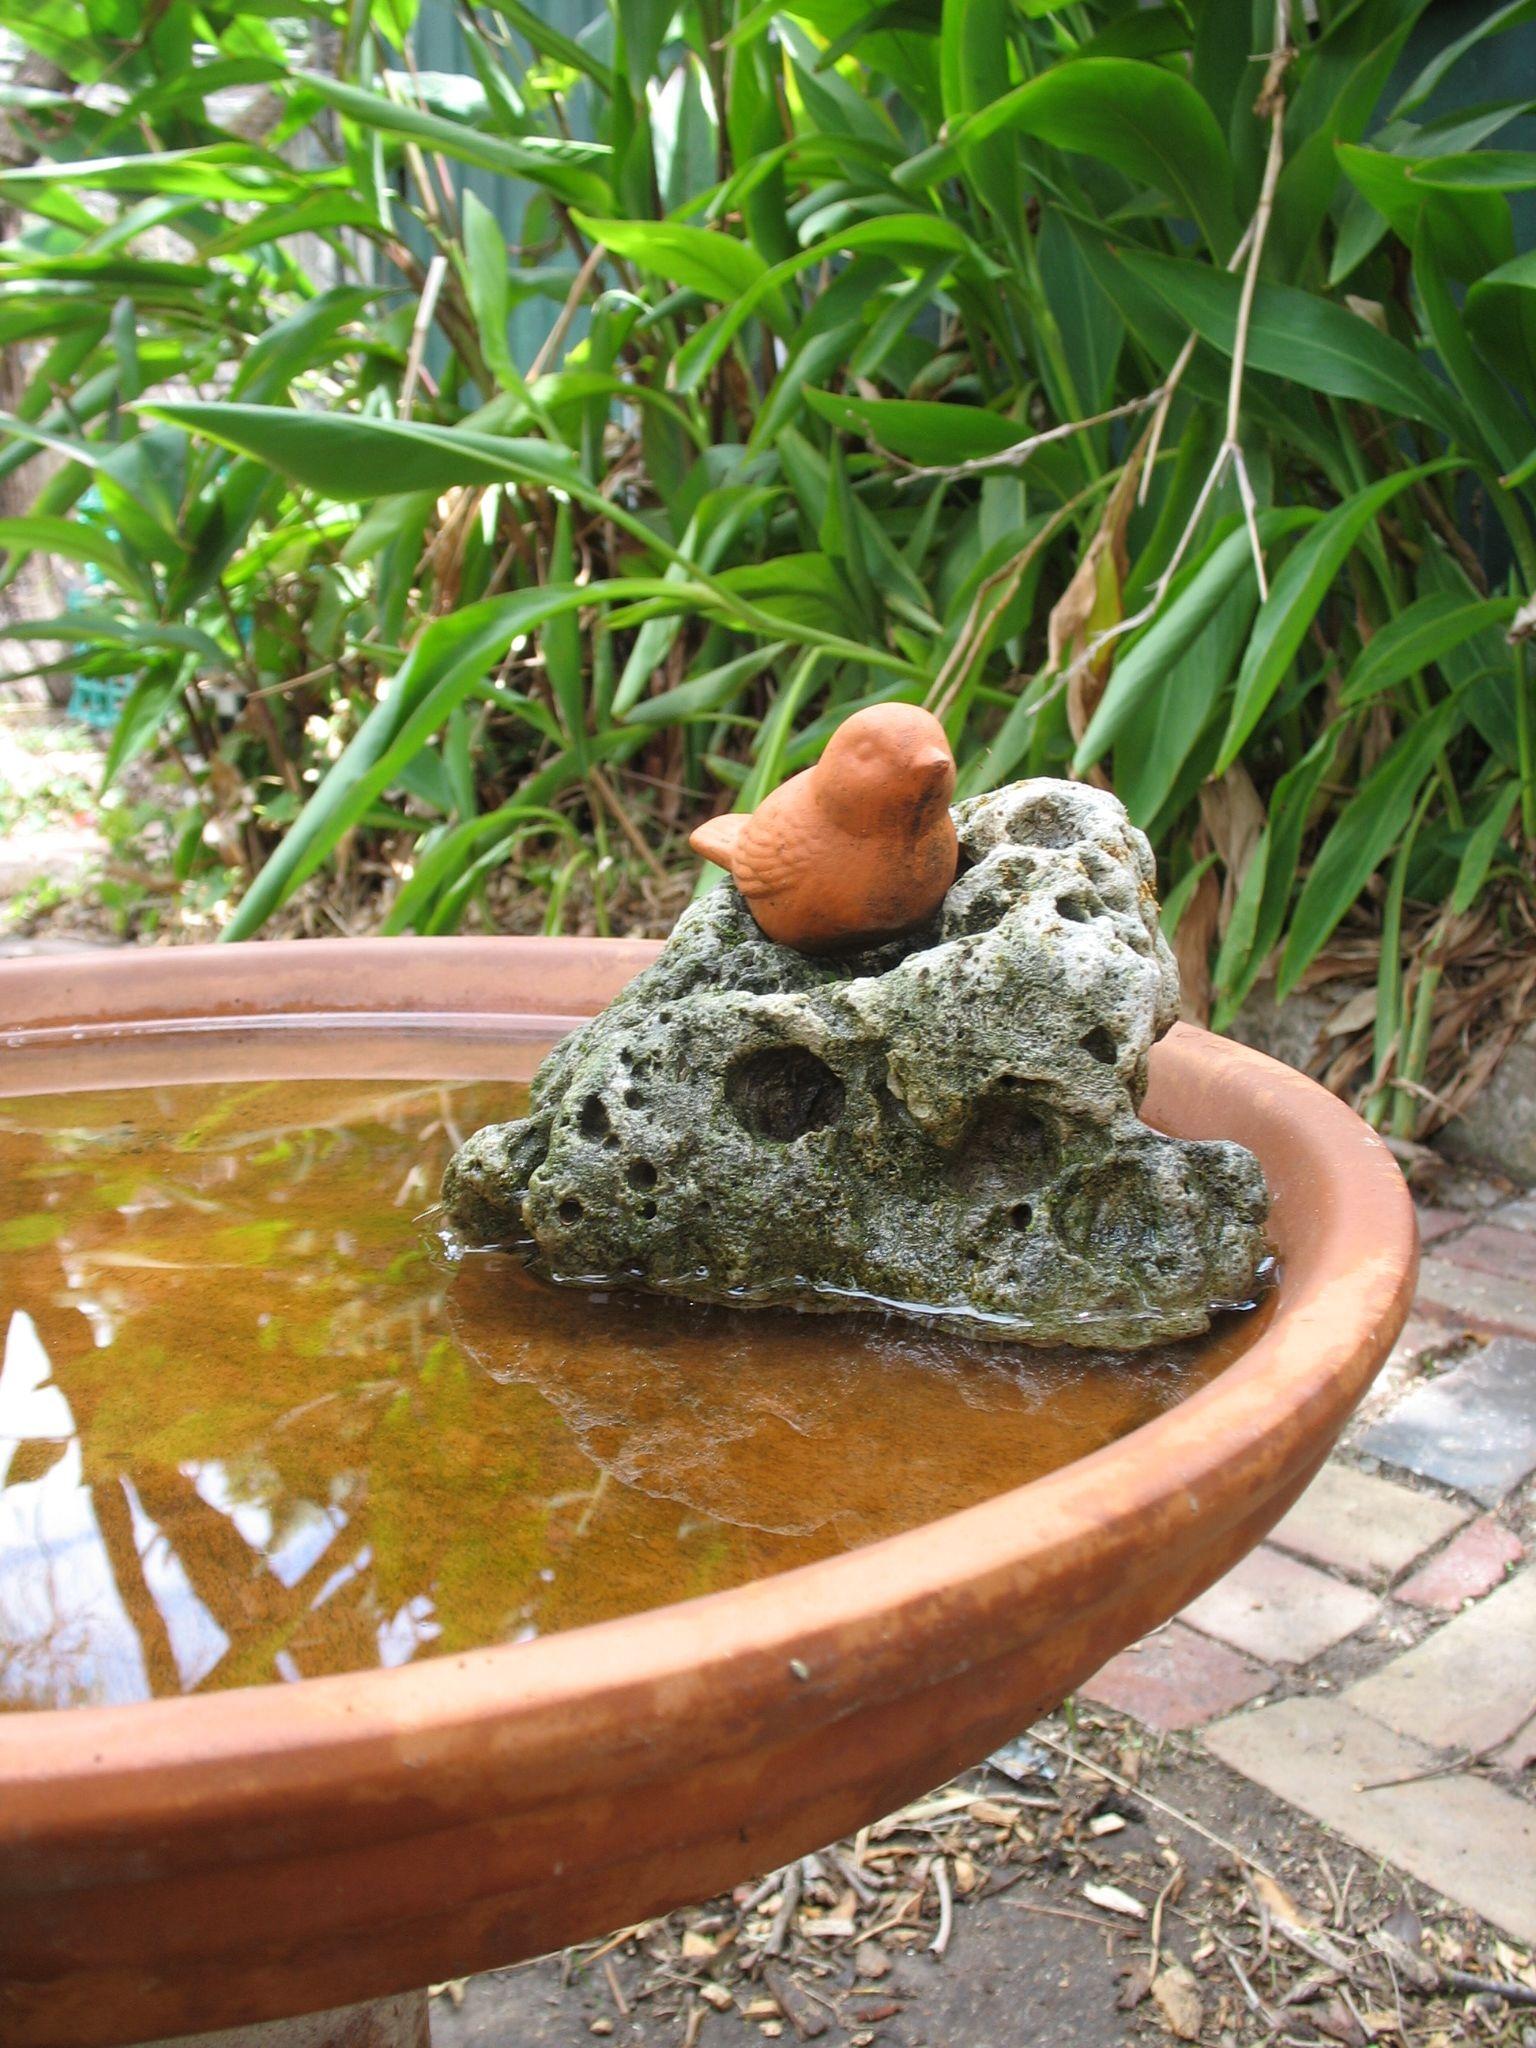 Fotos Gratis Planta Decoracion Produce Jardin Diseno - Diseo-de-fuentes-de-agua